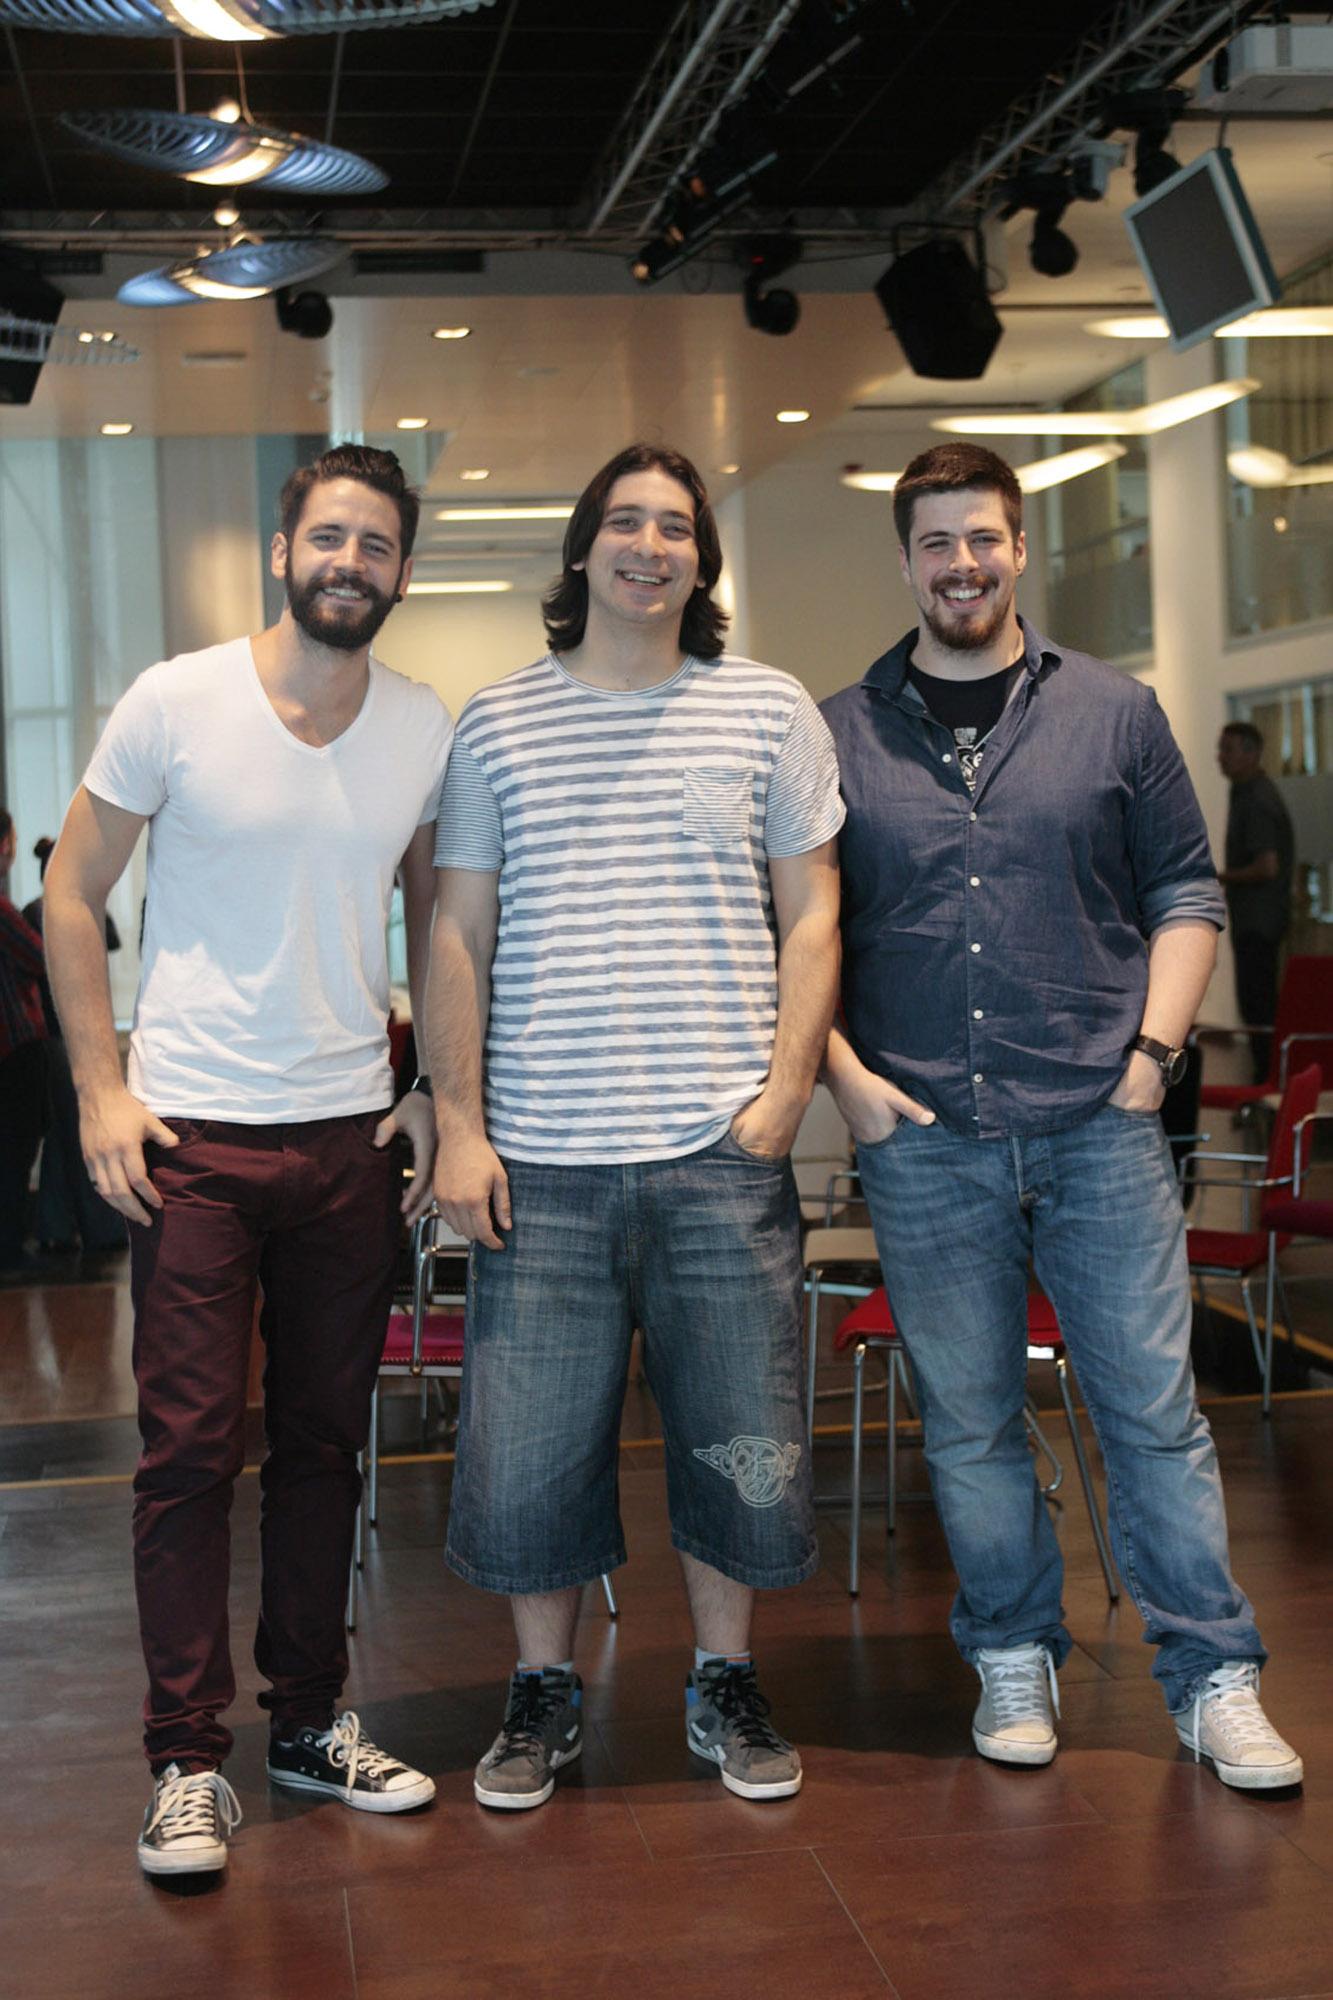 Clanovi grupe MVP Telenor podržava domaću muzičku scenu